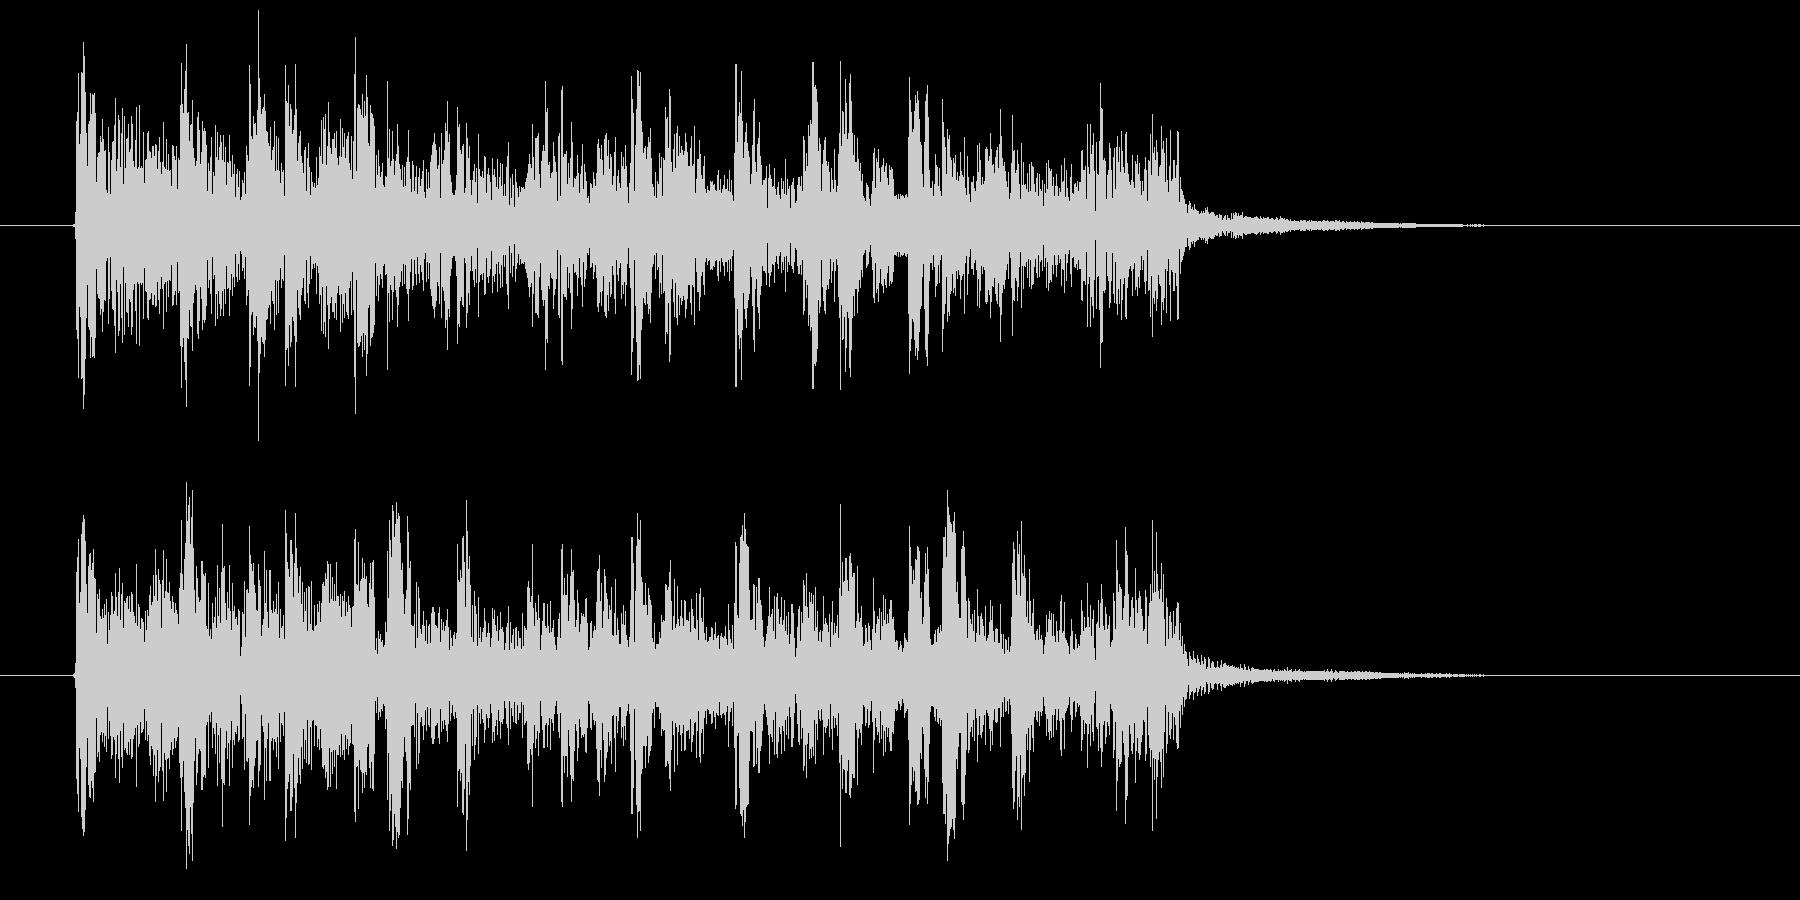 幻想的でおしゃれなテクノ音楽の未再生の波形